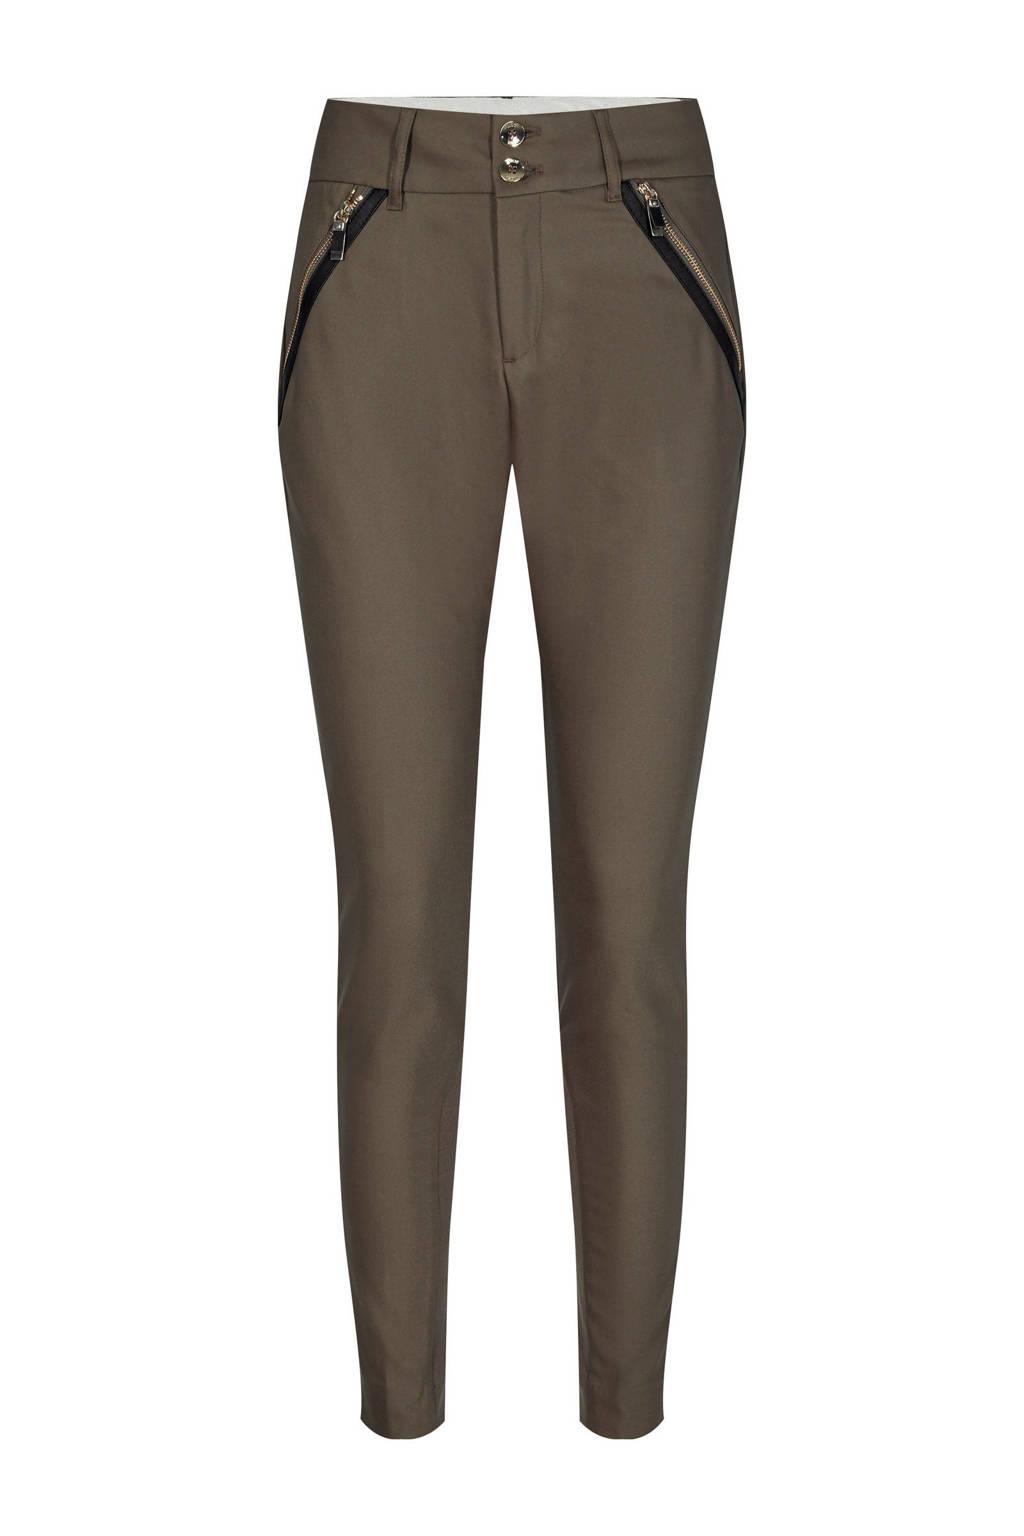 Mos Mosh slim fit broek Milton Night Pant met biologisch katoen bruin, Bruin